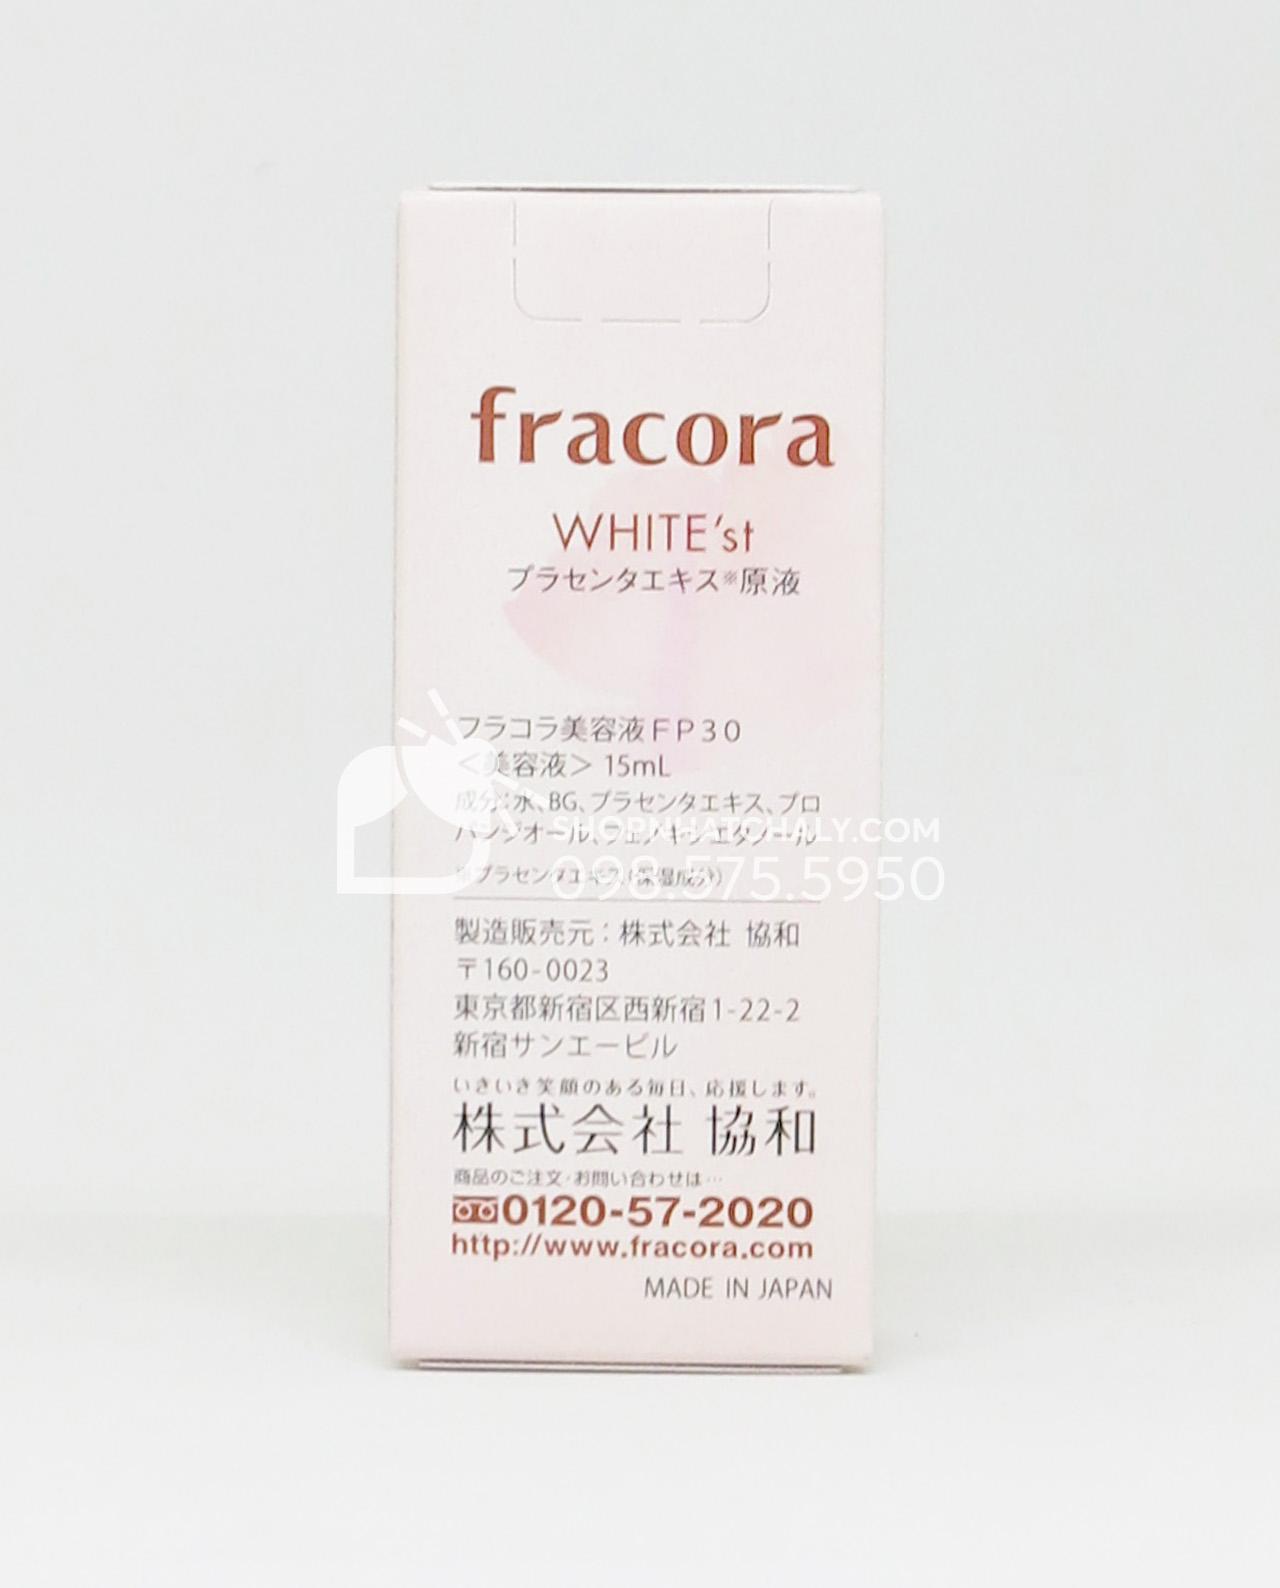 Serum nhau thai Fracora White'st Placenta Extract dưỡng trắng chống lão hóa Nhật Bản - thông tin sản phẩm